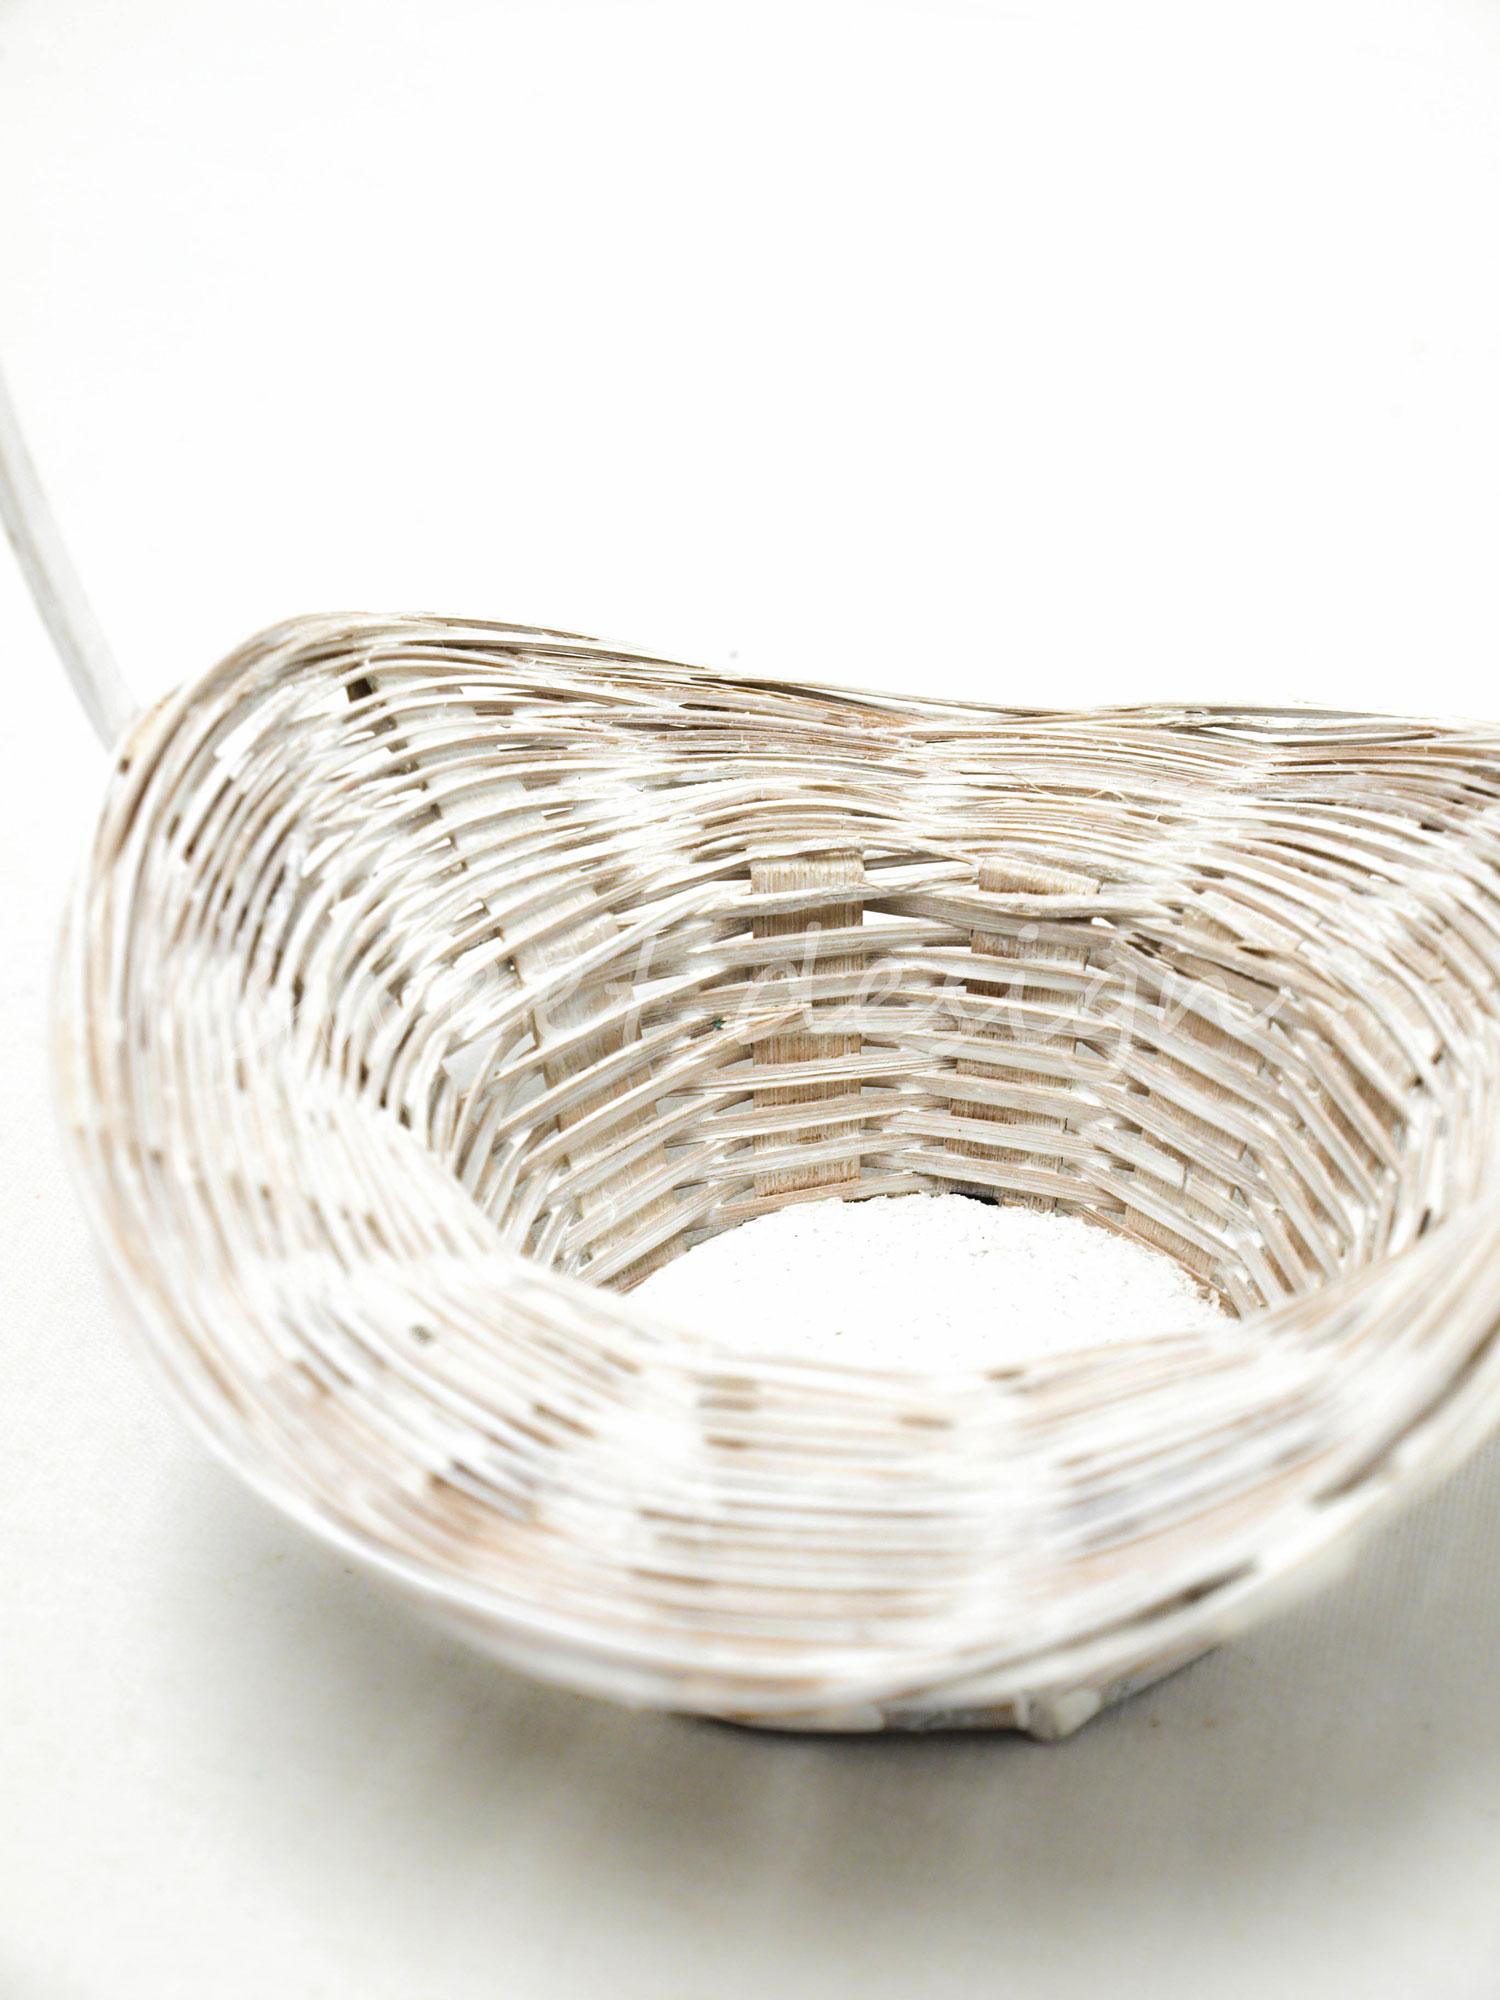 Cesta sombrero blanca peque a sweet design - Cestas de mimbre pequenas ...